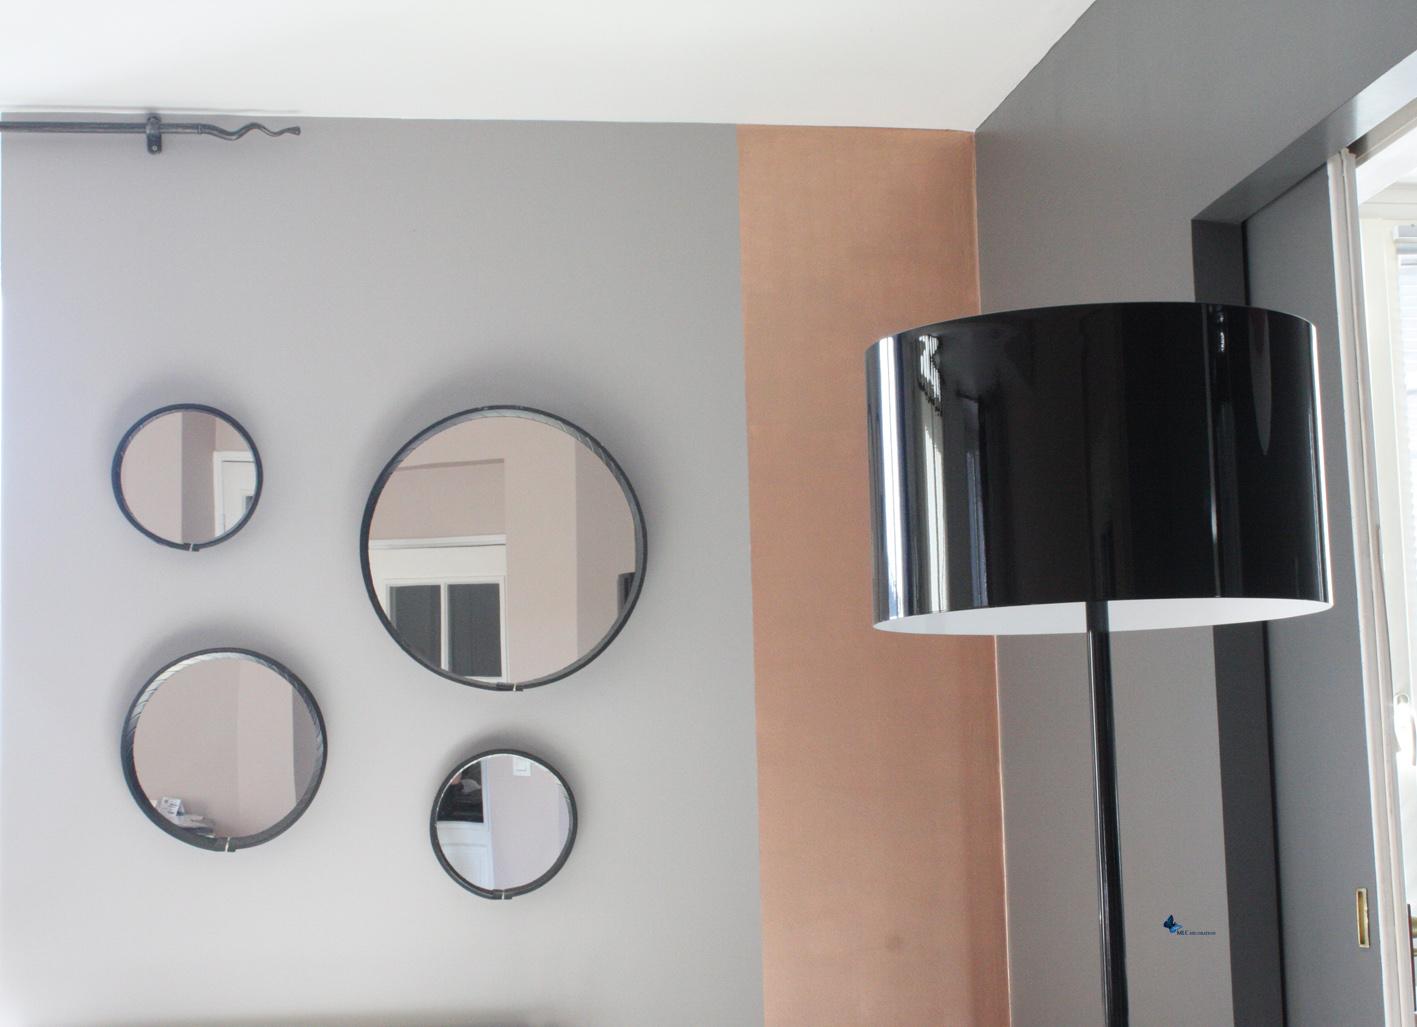 D coration murale effet m tal peinture cuivre - Deco salon cuivre ...